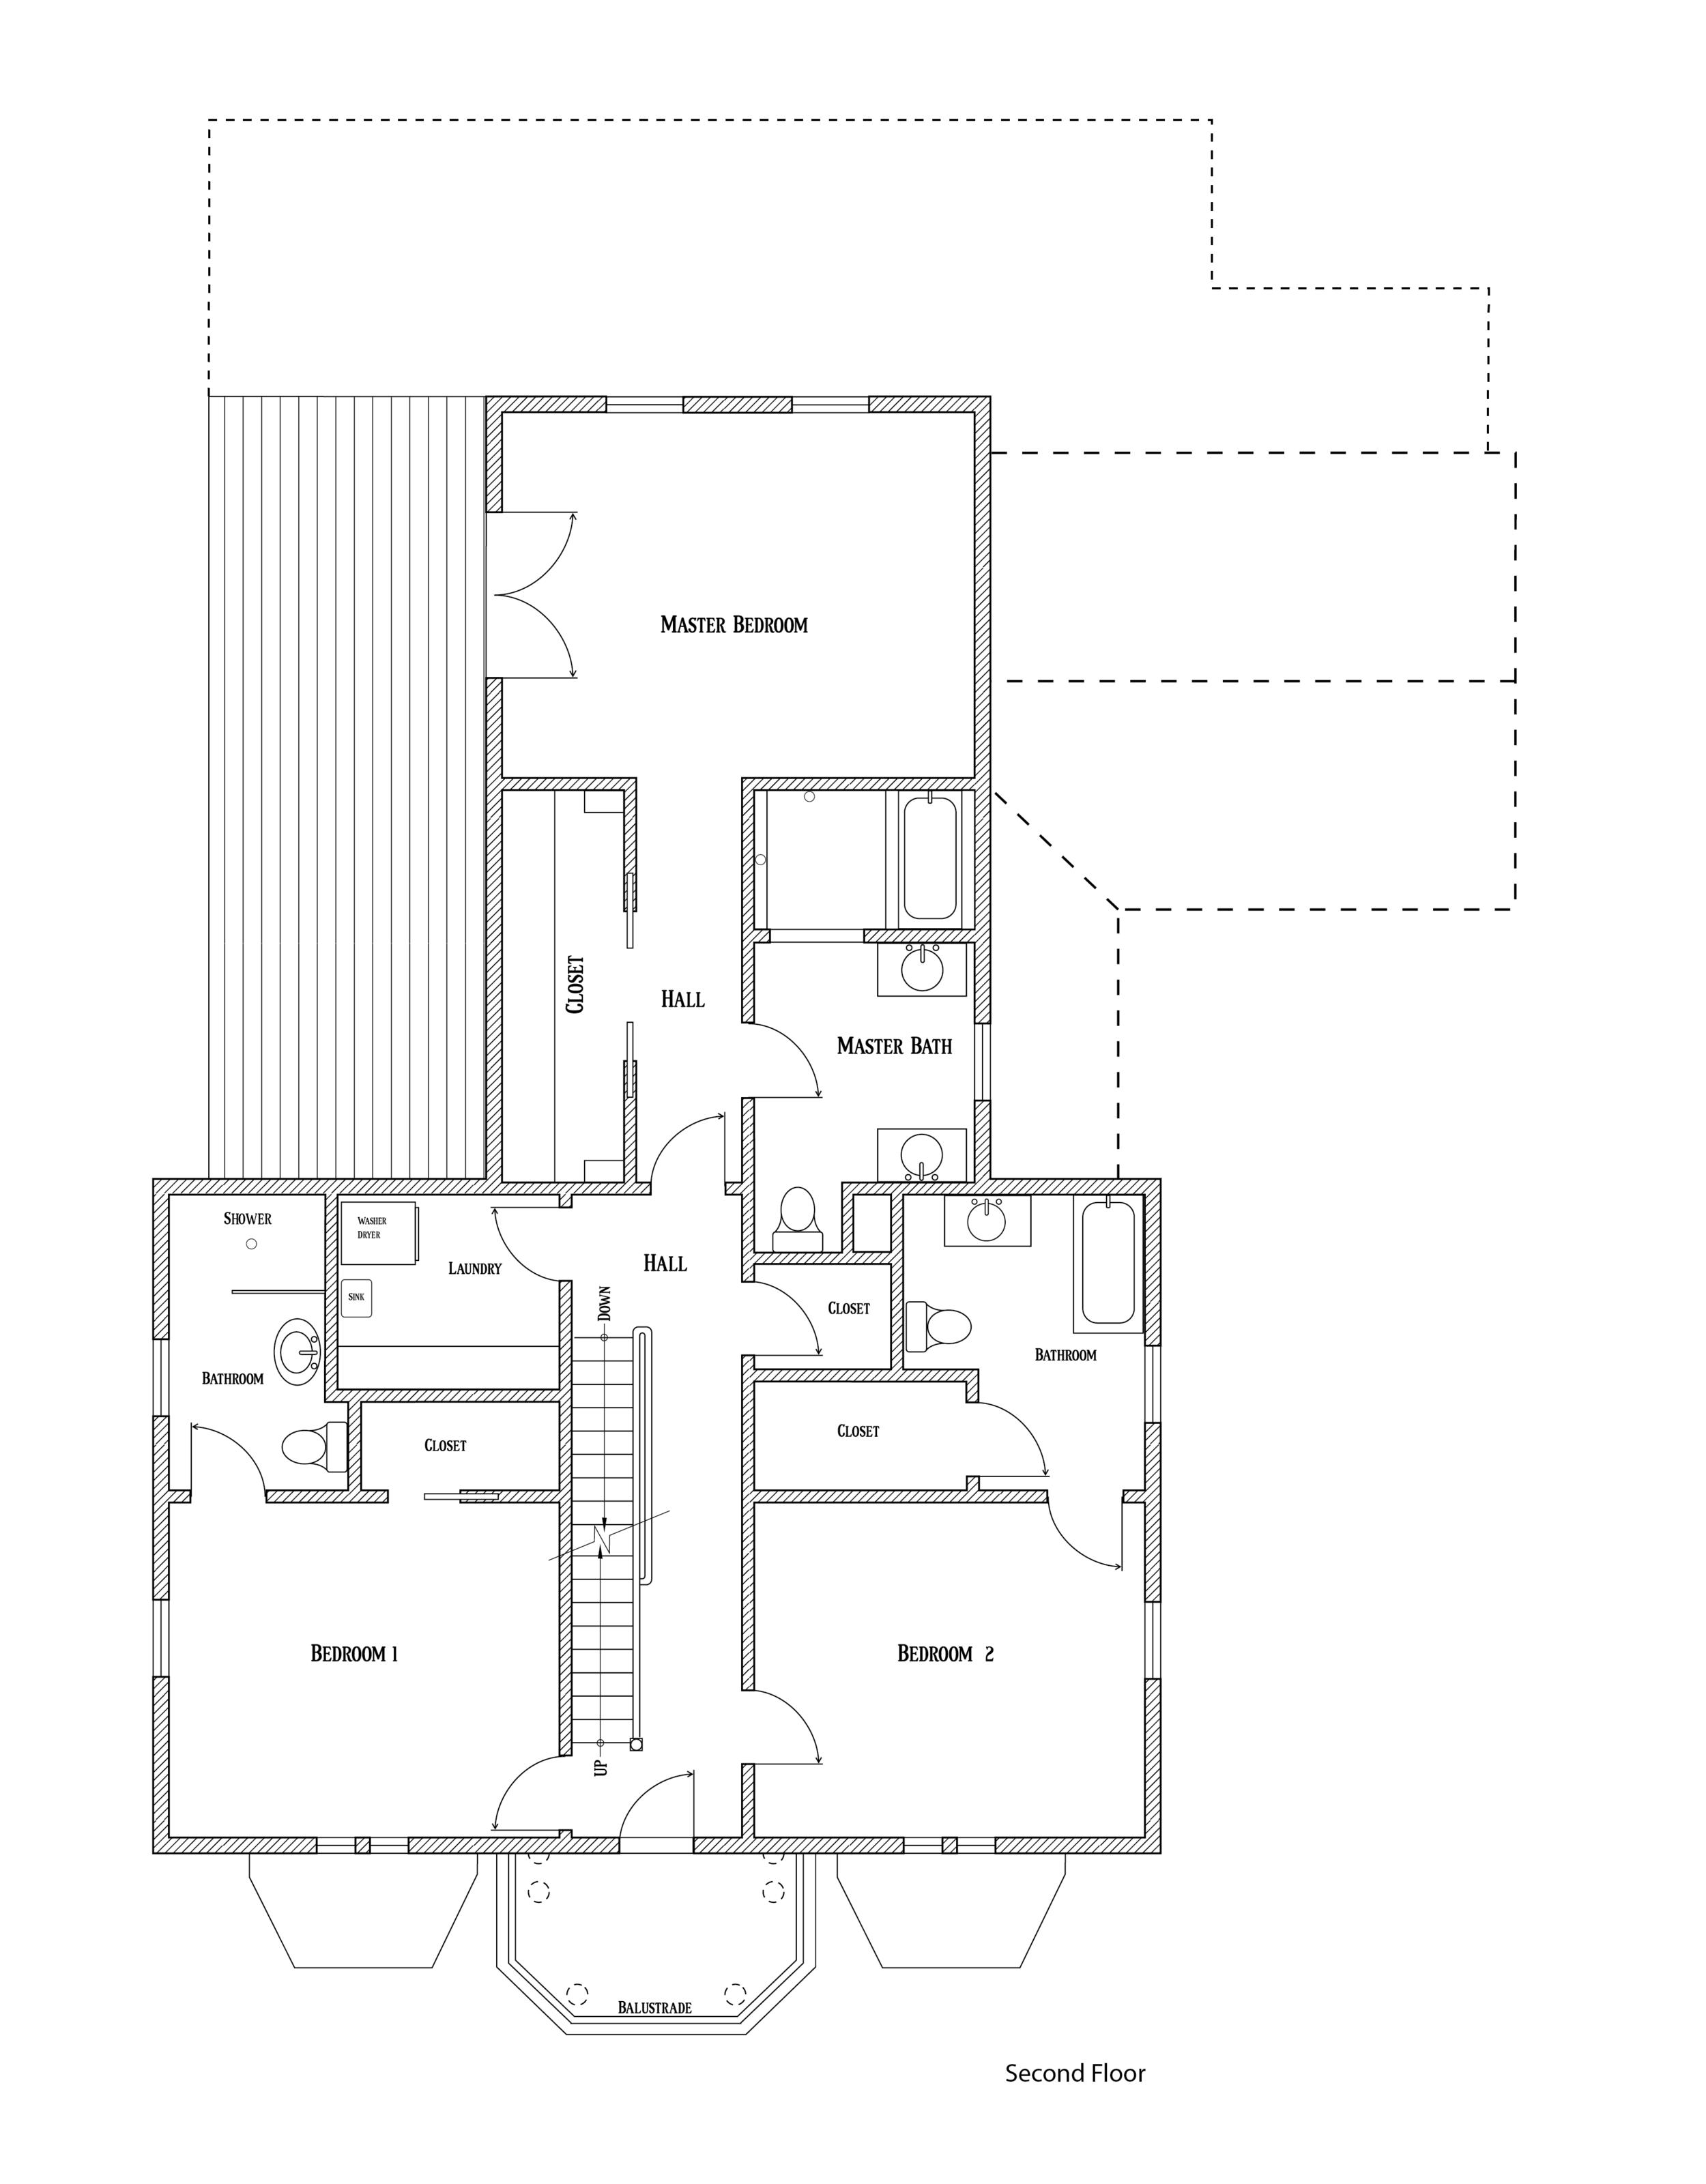 2Second Floor Floor Plan-01-01.png